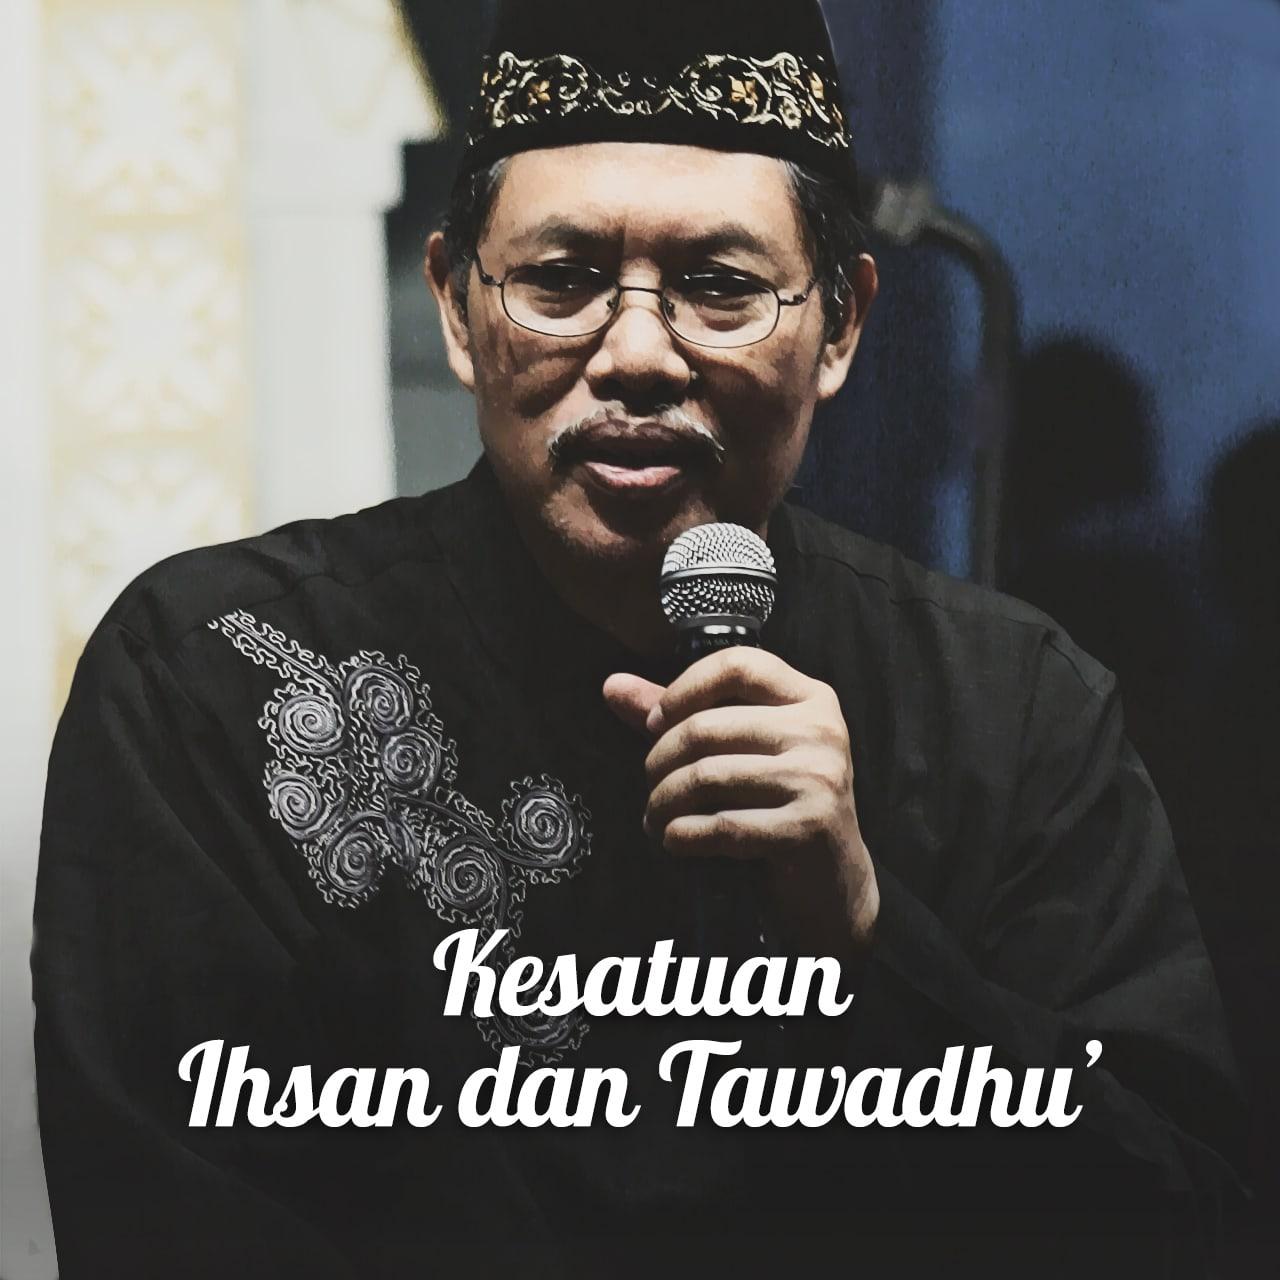 Kesatuan Ihsan dan Tawadhu'